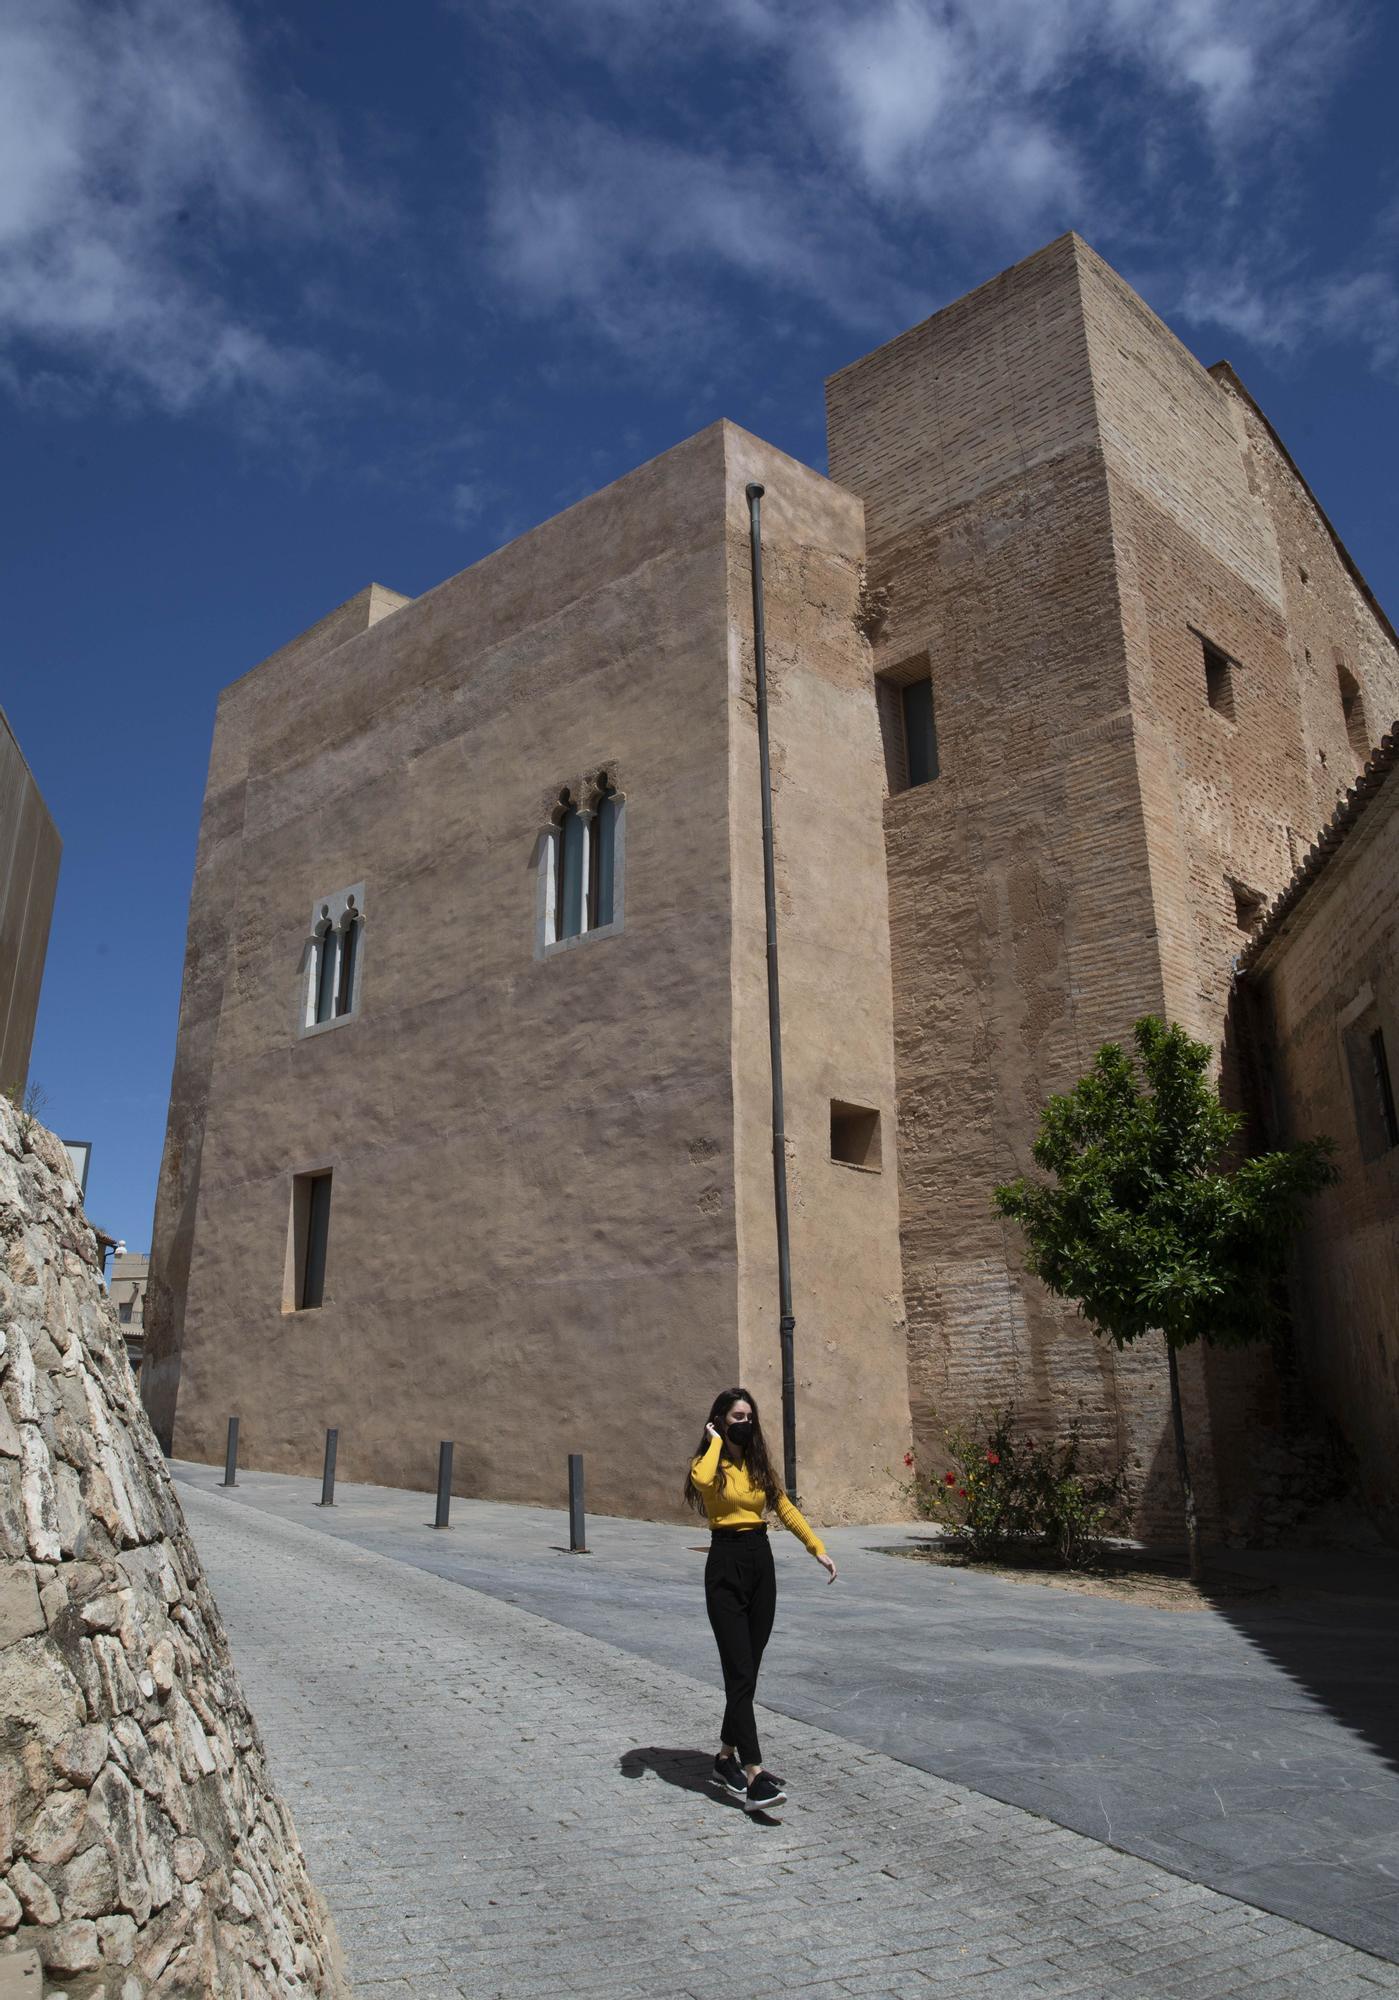 El castillo de Riba-roja, en imágenes